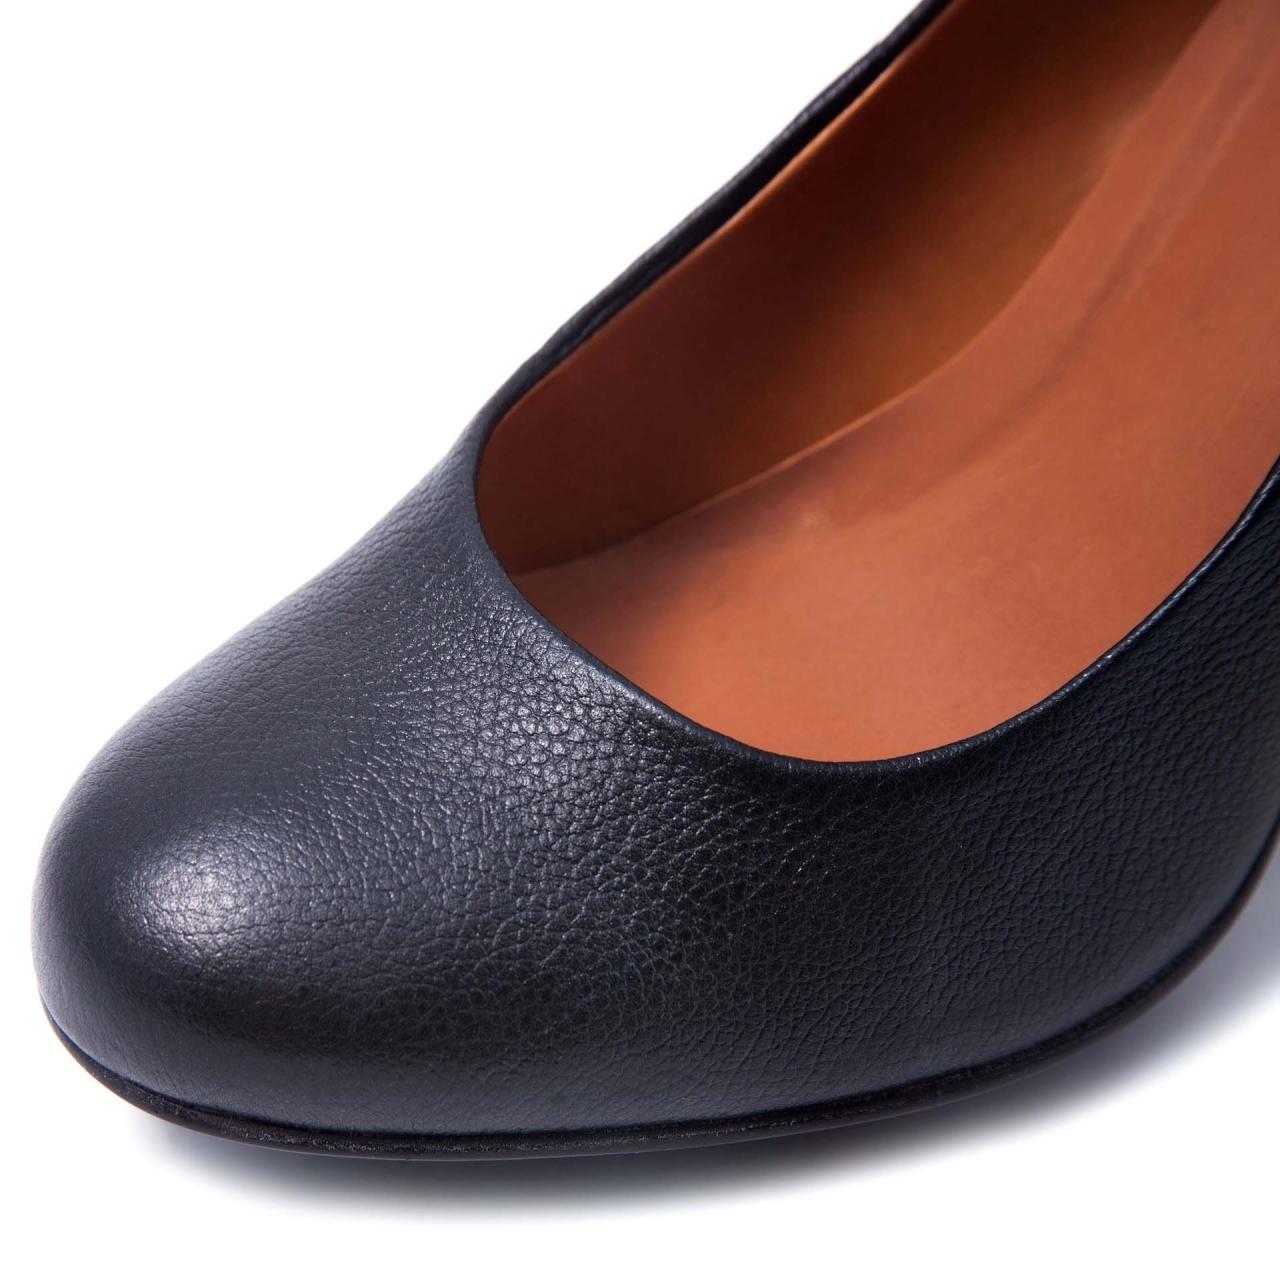 картинка Женские туфли, арт. 15210-5-00102/80A Q от магазина Одежда+